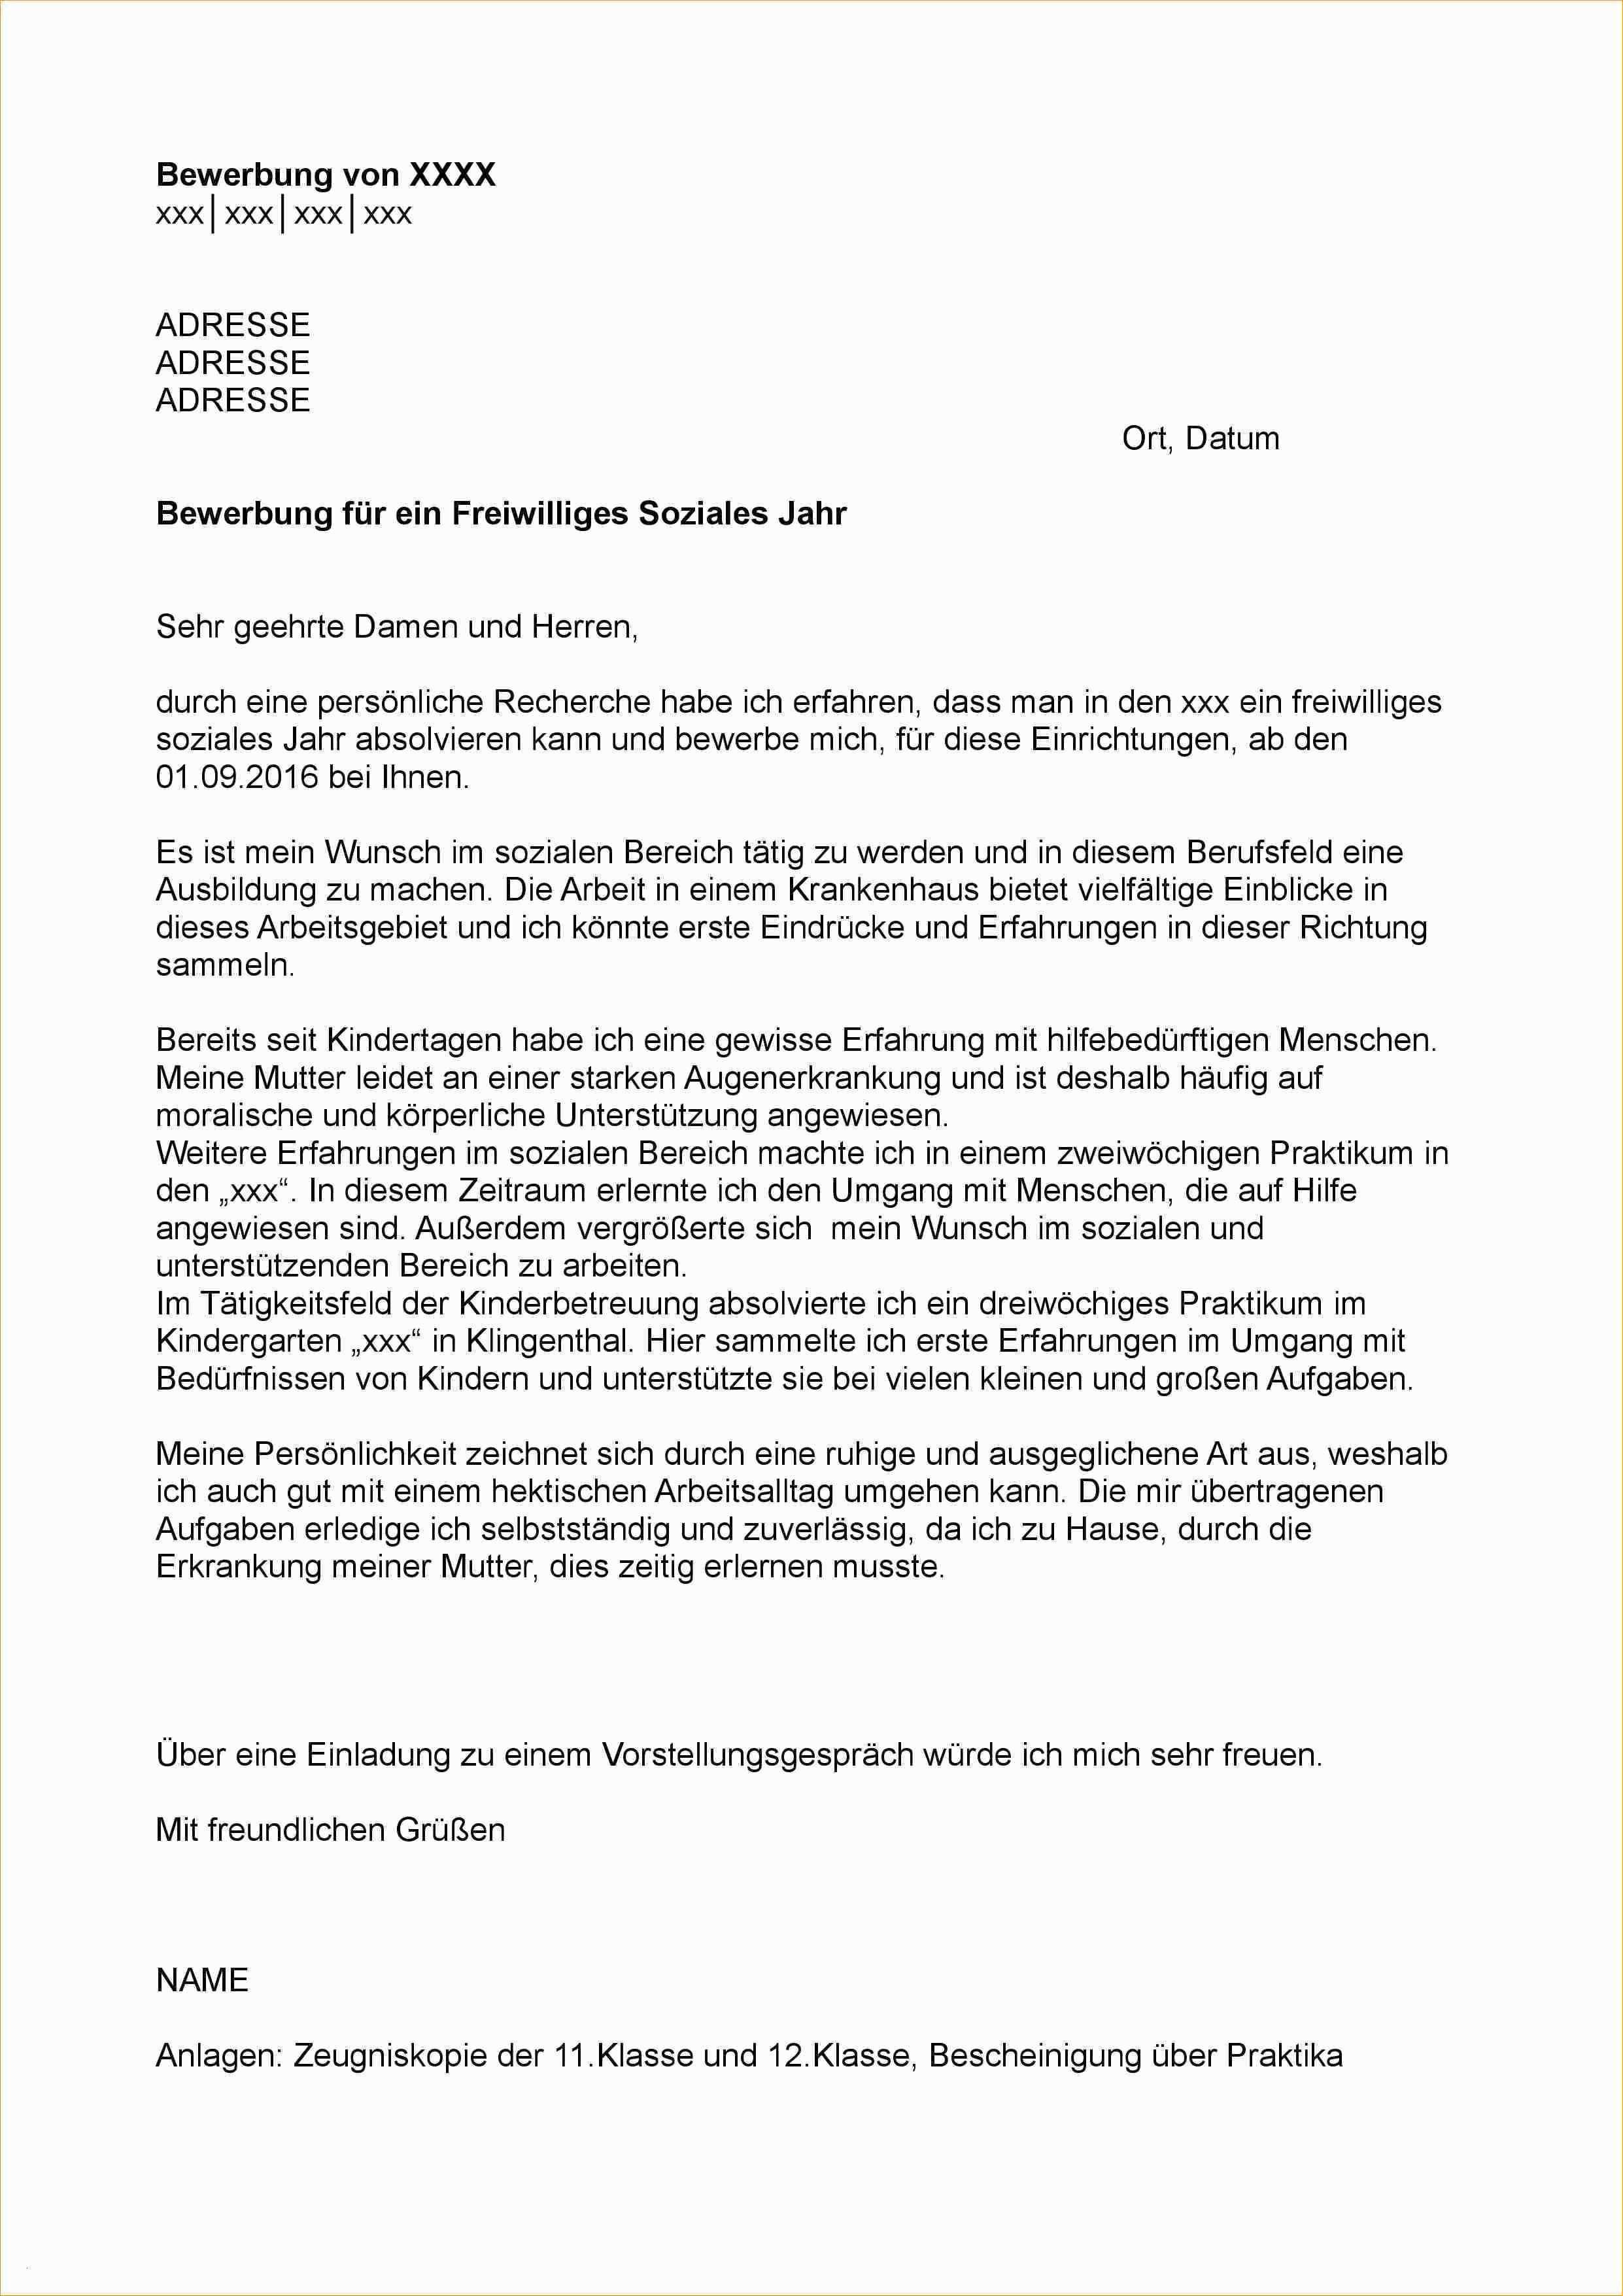 Einzigartig Bewerbung Als Hausmeister Quereinsteiger Briefprobe Briefformat Briefvorlage Bewerbung Schreiben Bewerbung Vorlagen Lebenslauf